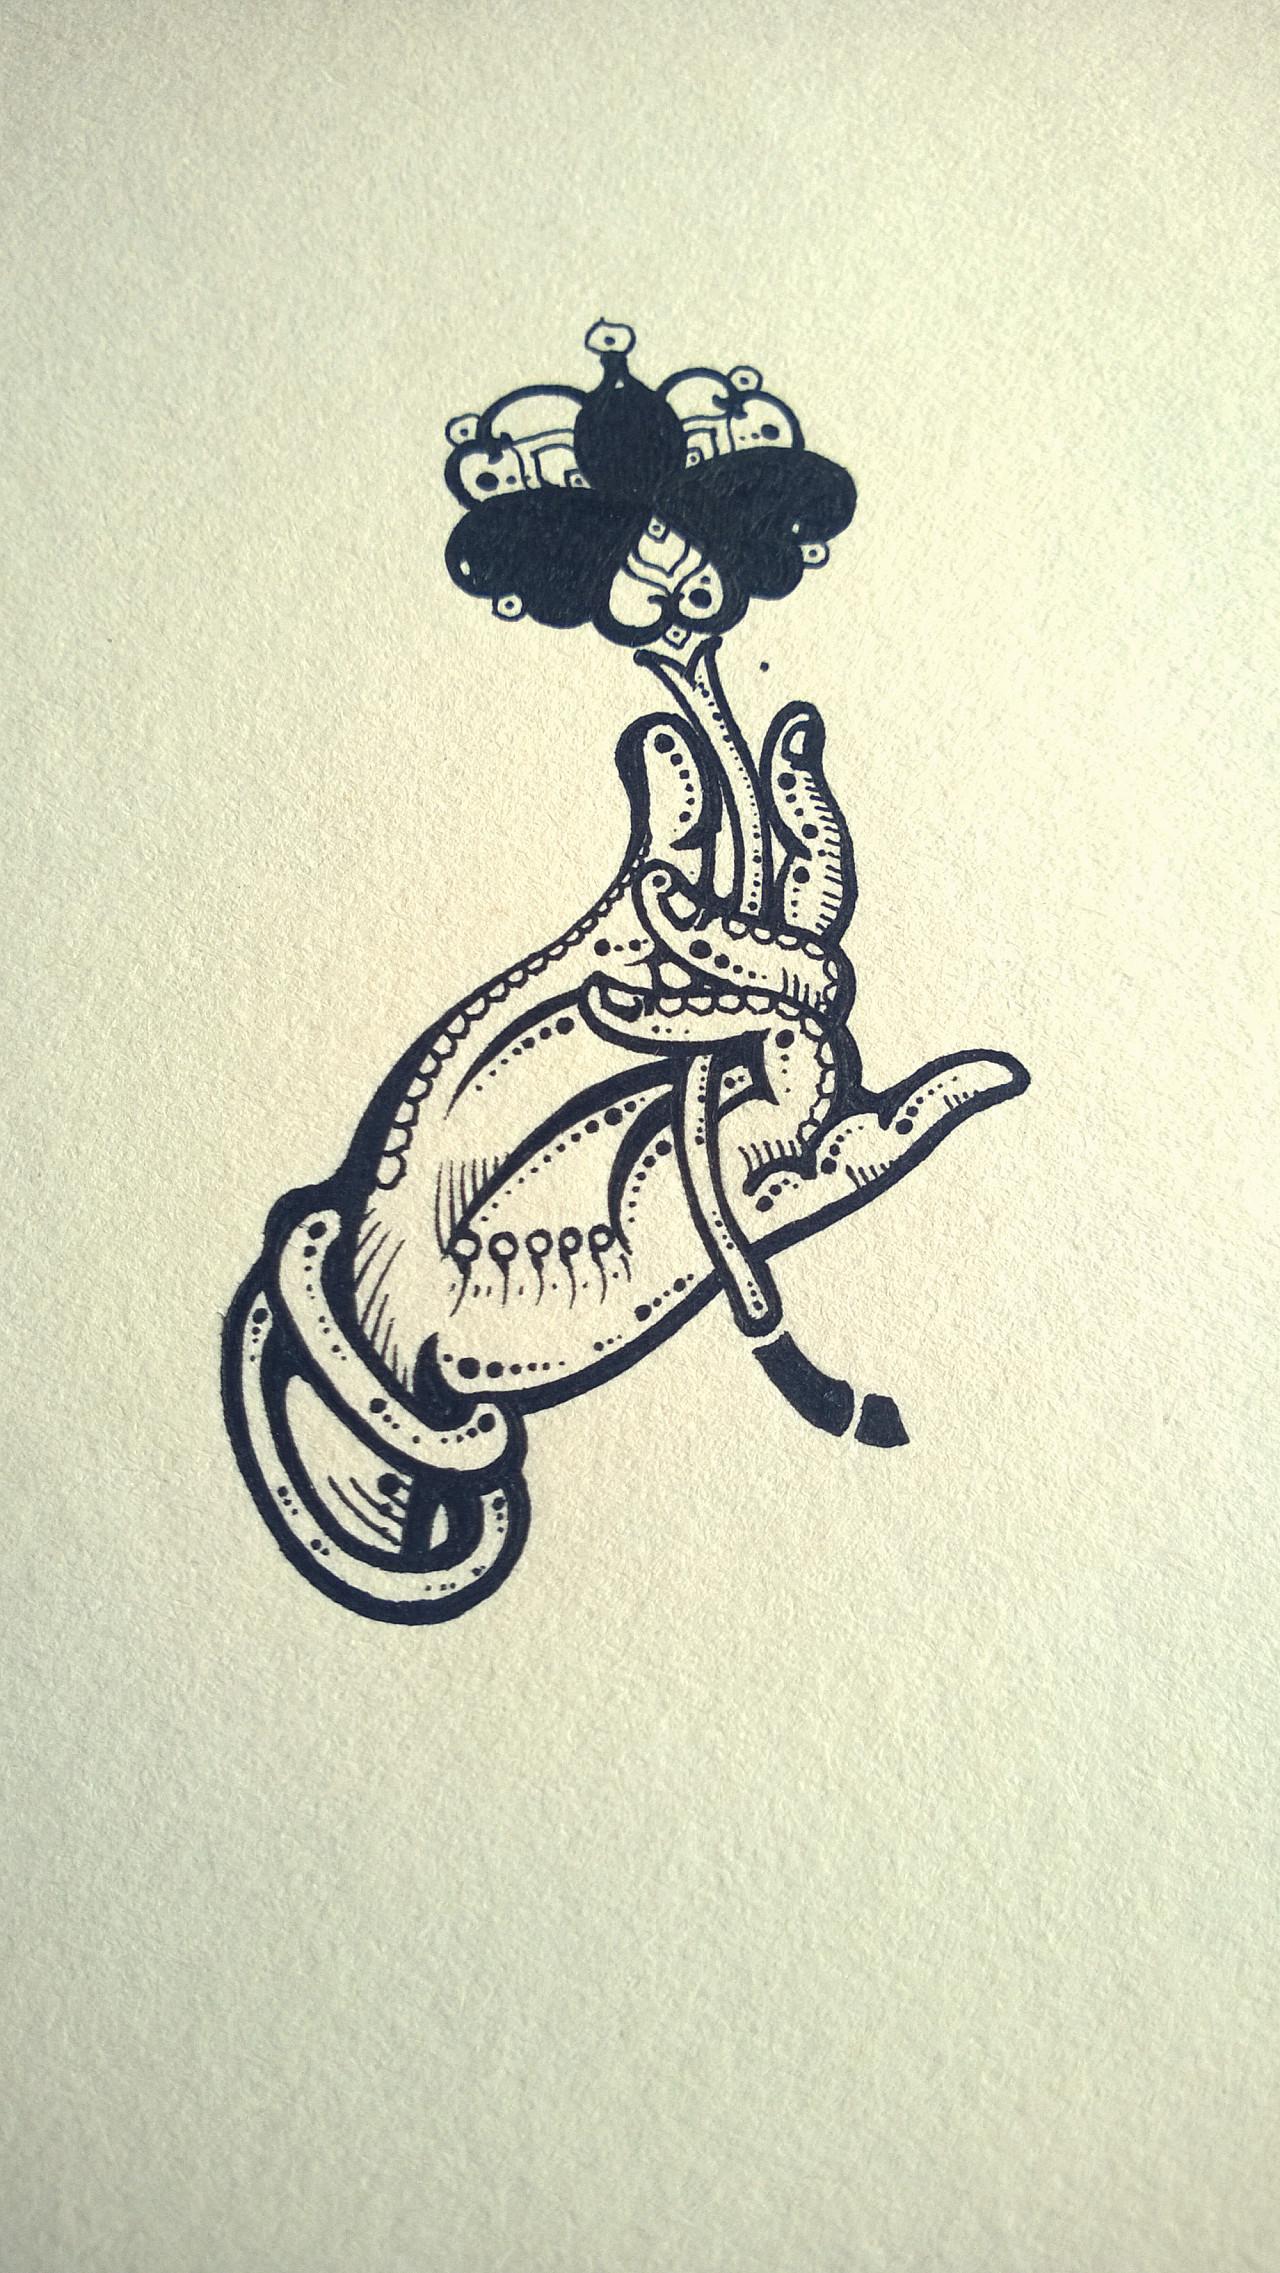 手绘硬笔画简单图案设计